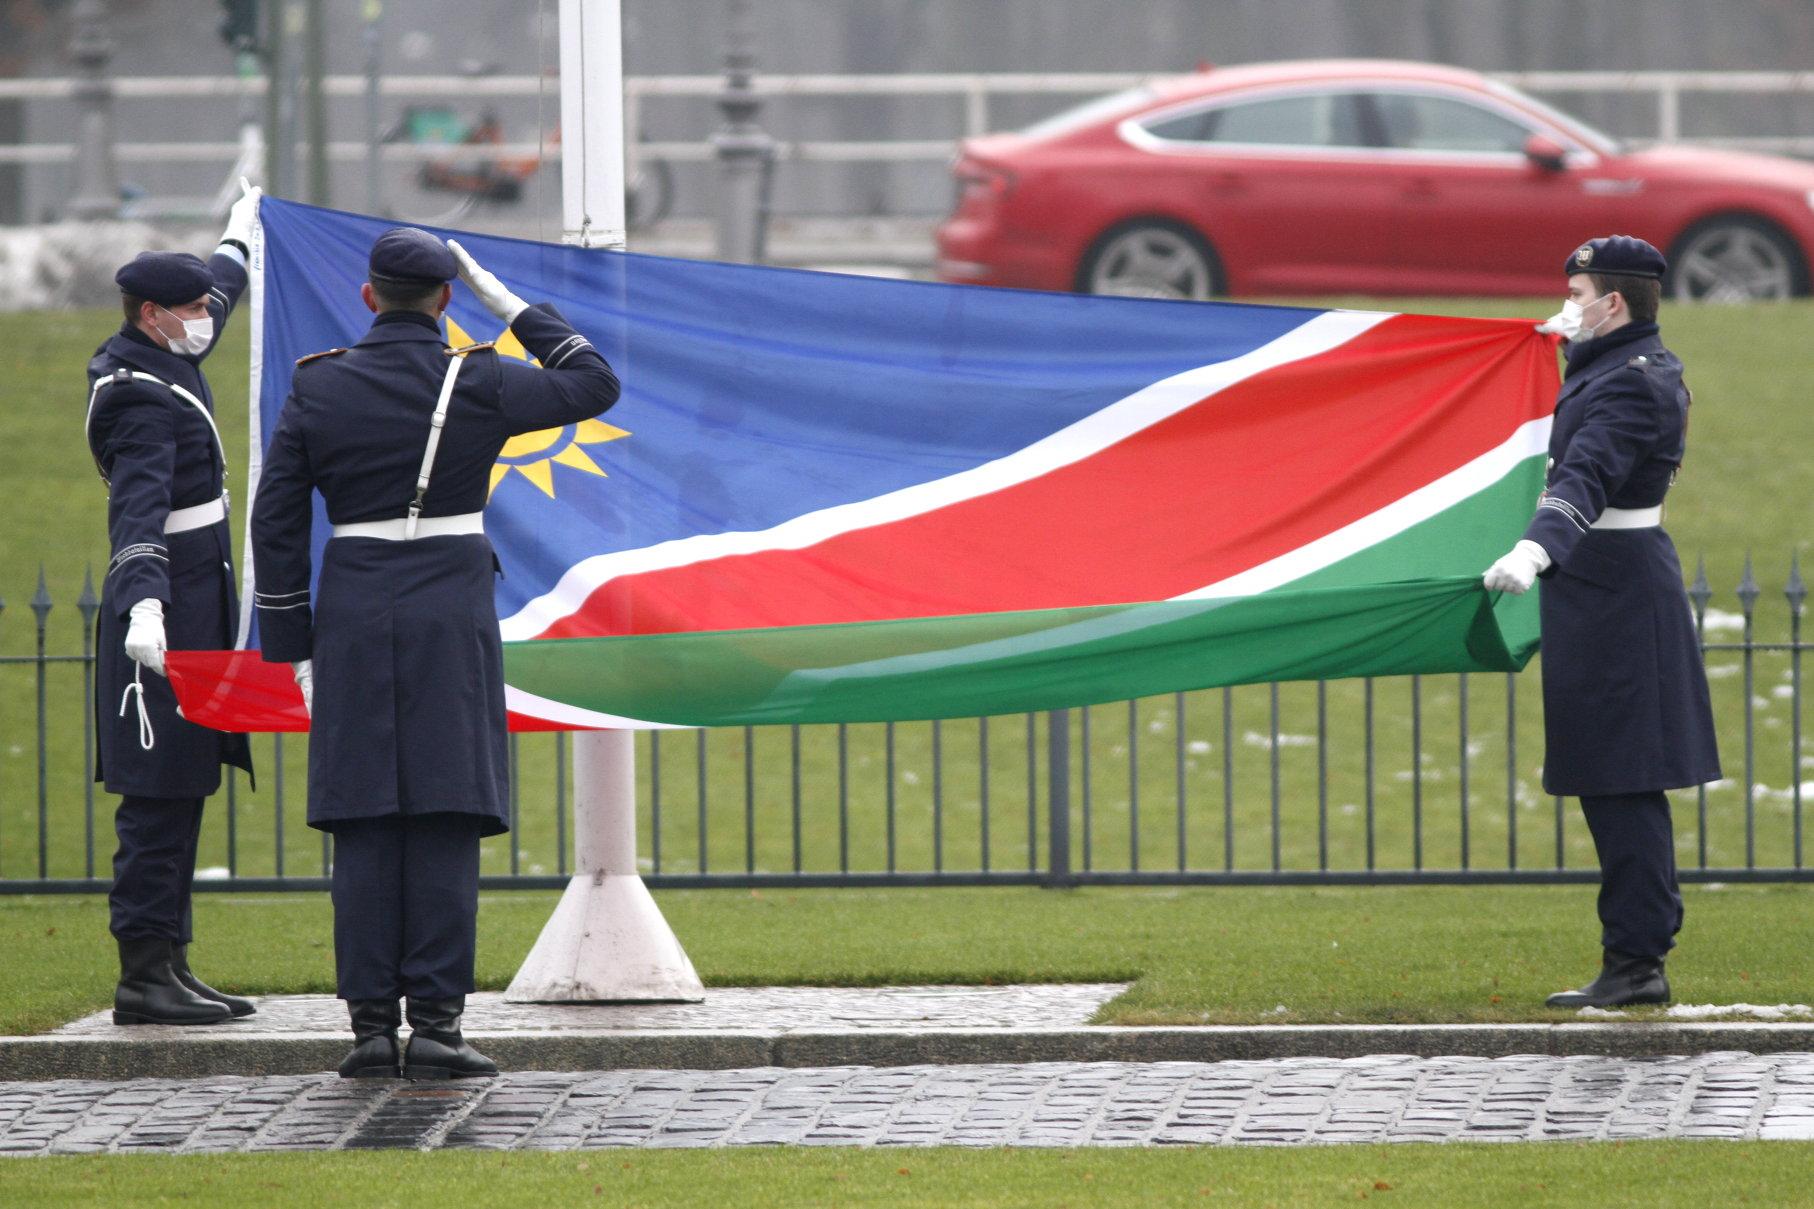 Botschafter der Republik Namibia, Martin Andjaba, bei Bundespräsident Frank-Walter Steinmeier im Schloss Bellevue akkreditiert